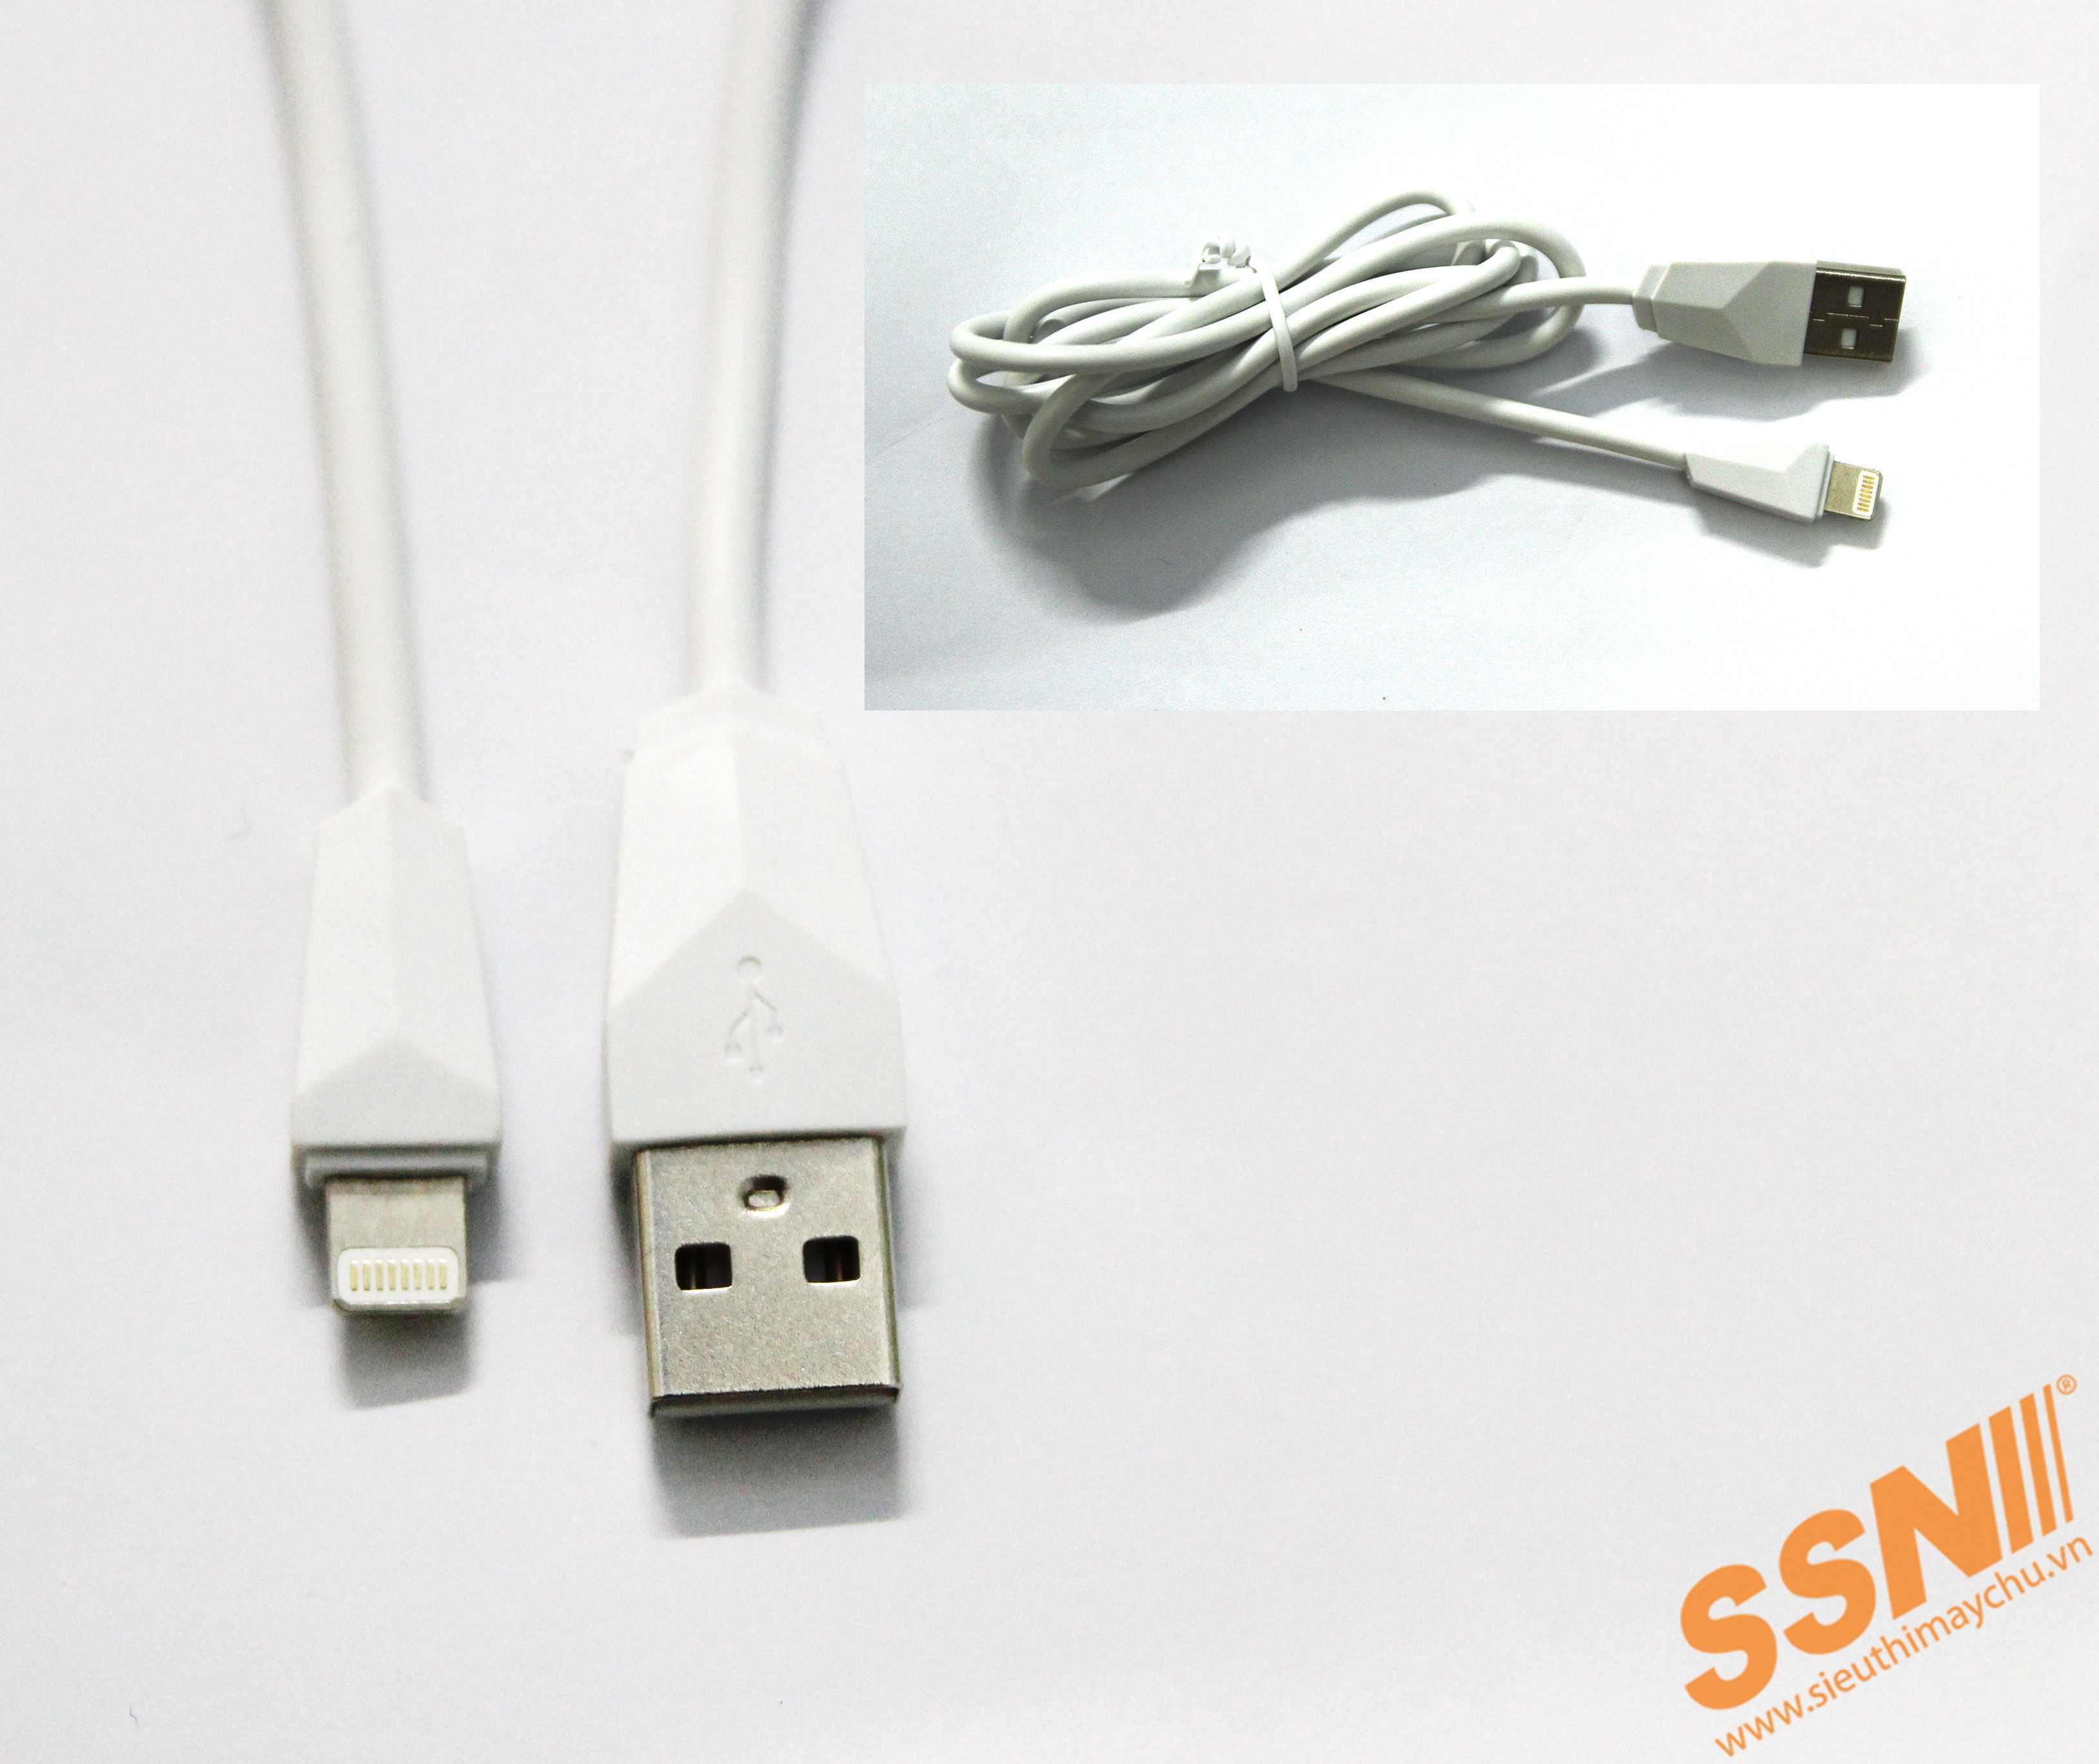 CÁP SẠC USB-LIGHTNING-Trắng (10PCS)